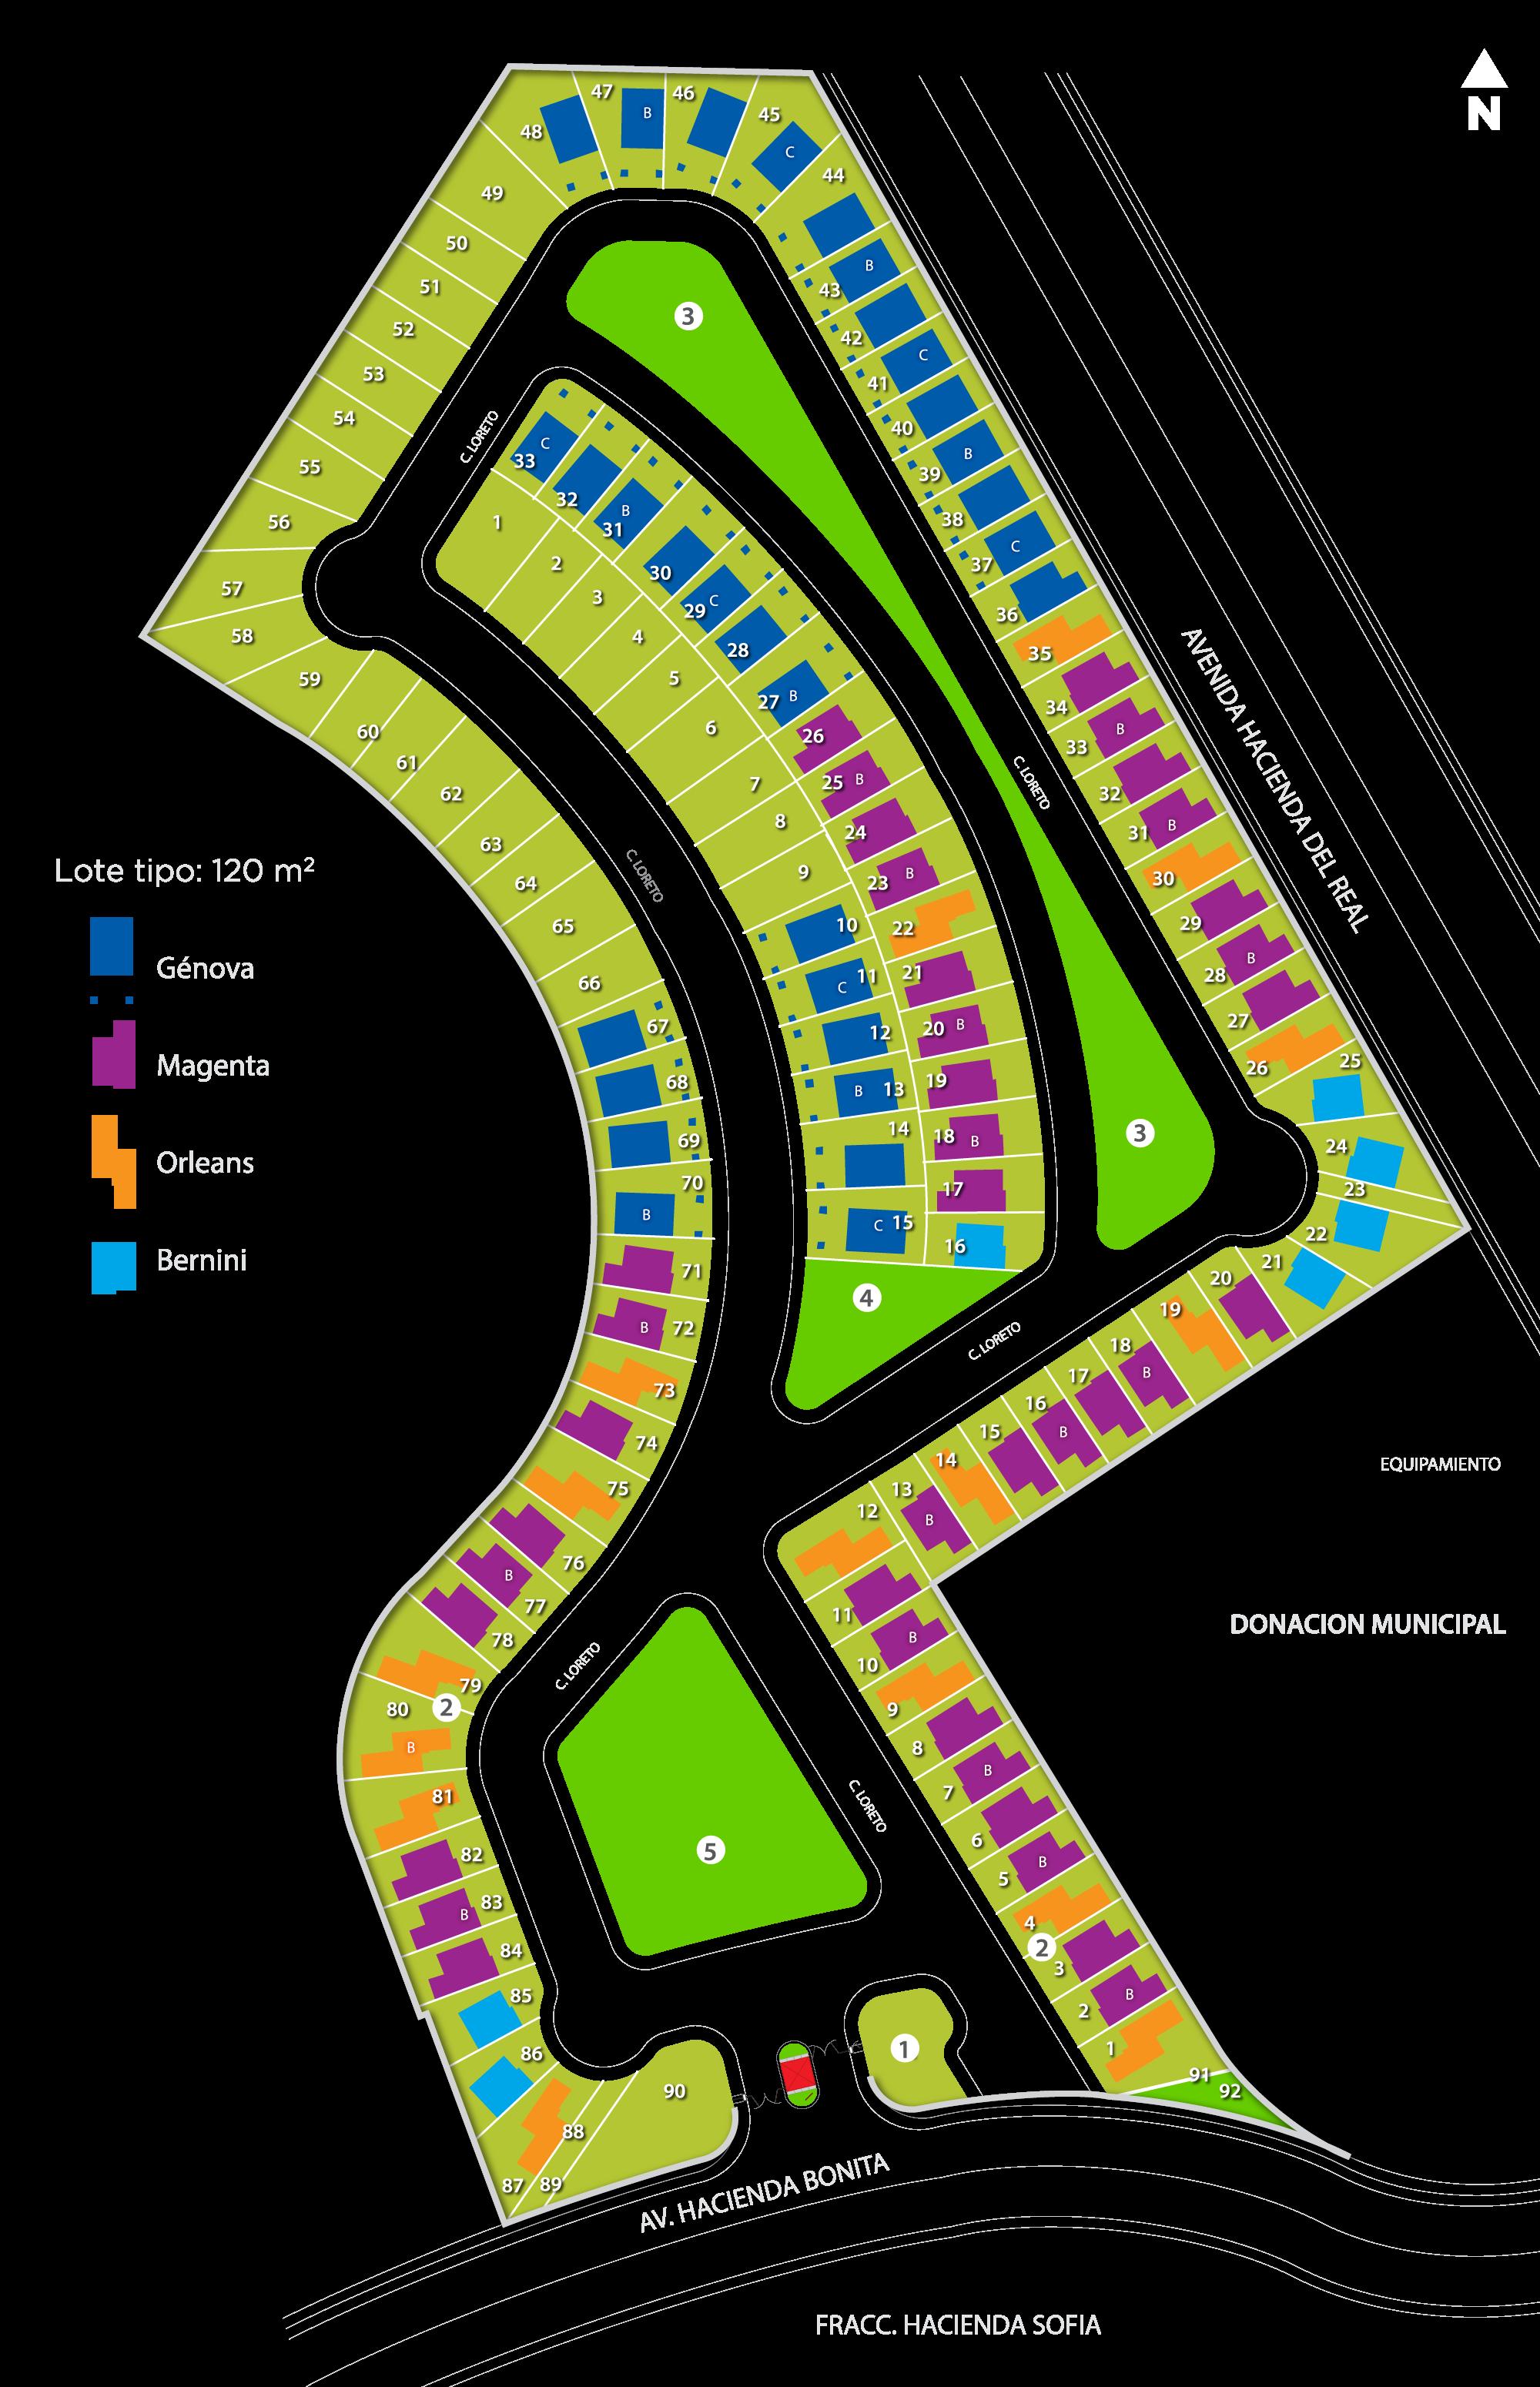 lotificacion-villa-toscana-2